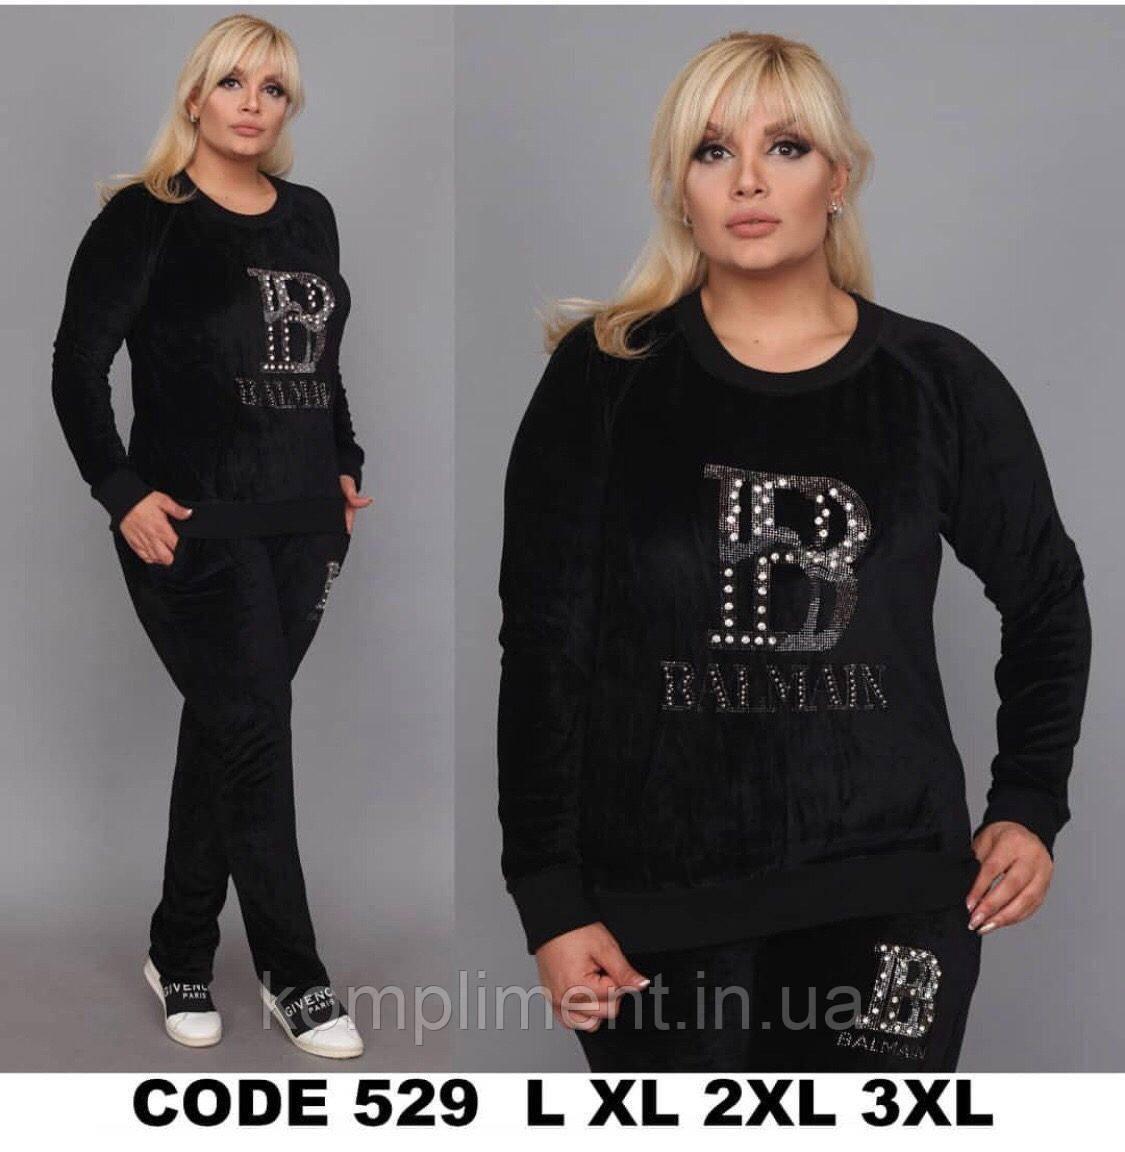 Турецкий женский  костюм полубатальная серия,черный